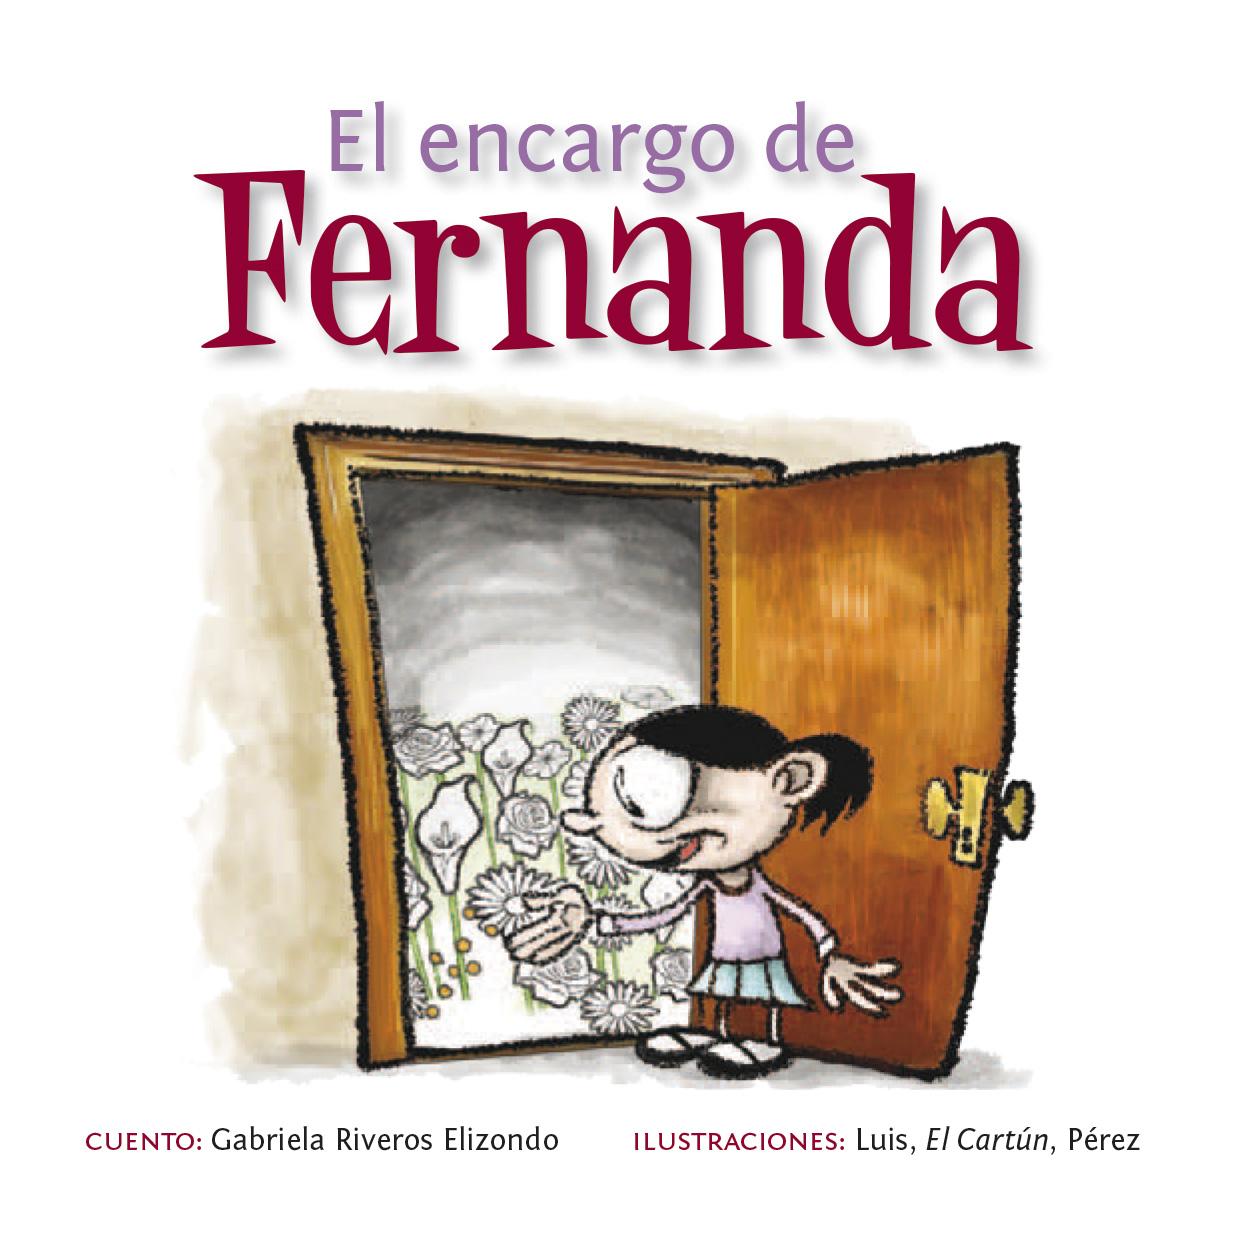 El encargo de Fernanda